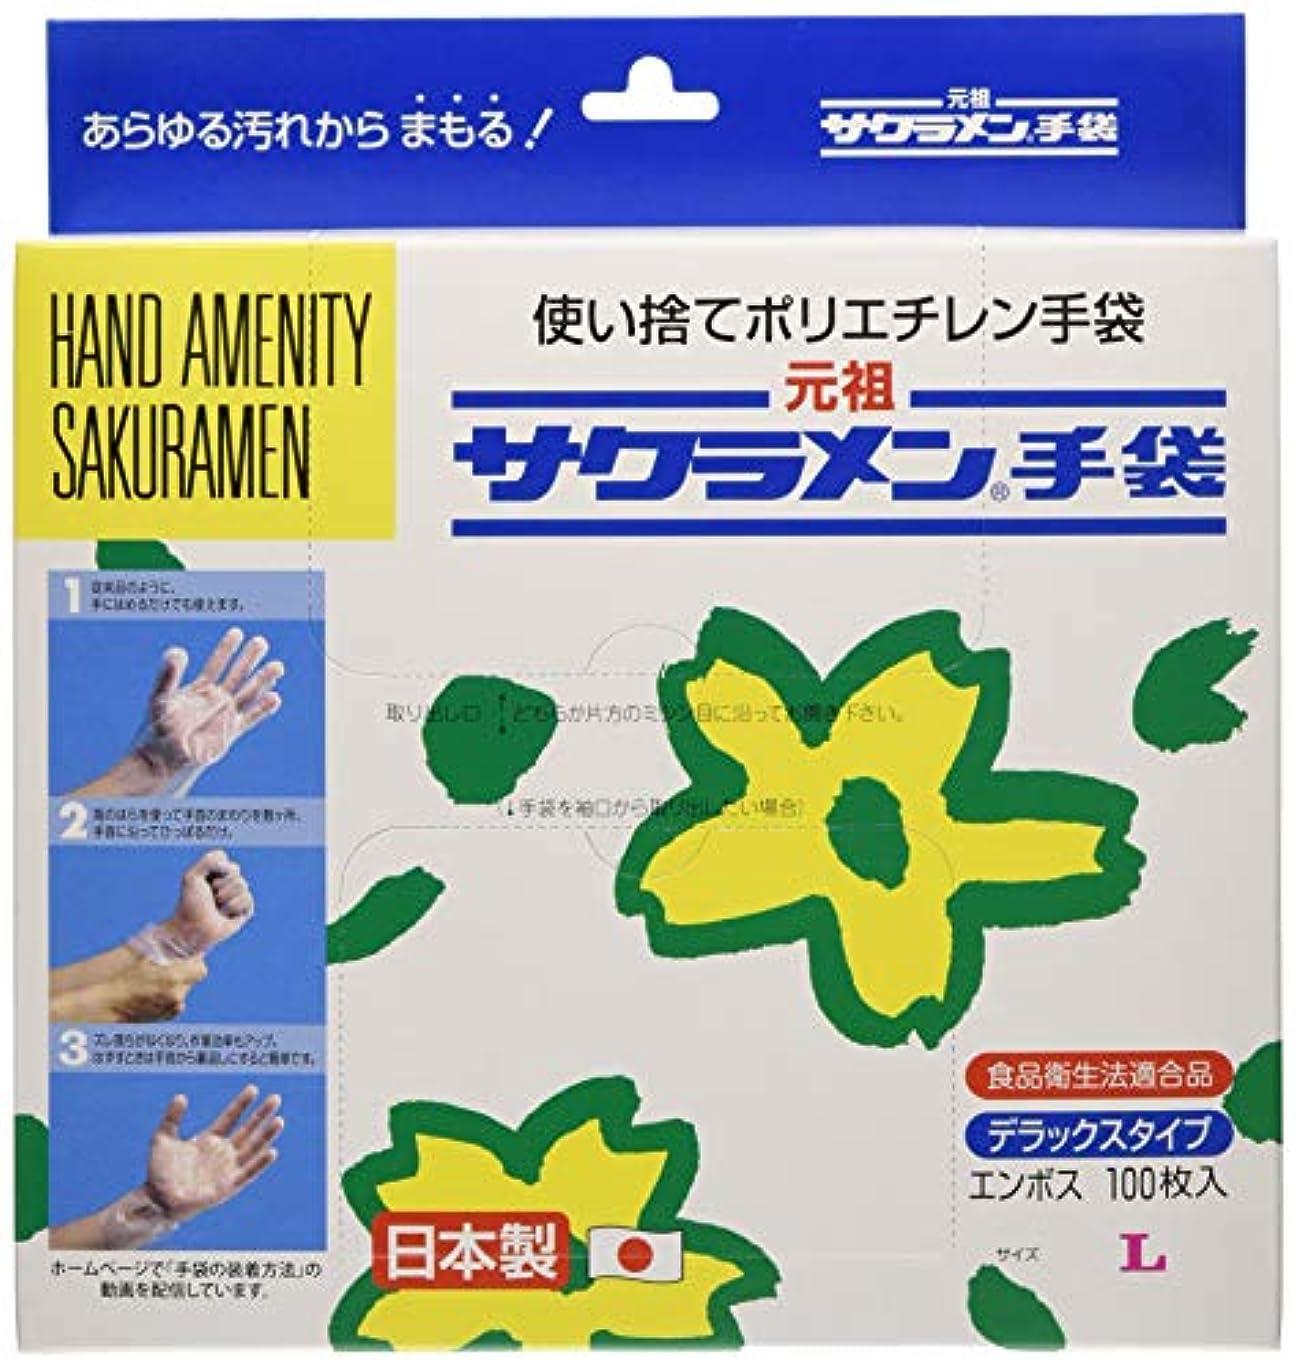 飢段落視聴者サクラメン手袋 デラックス(100枚入)L ピンク 35μ